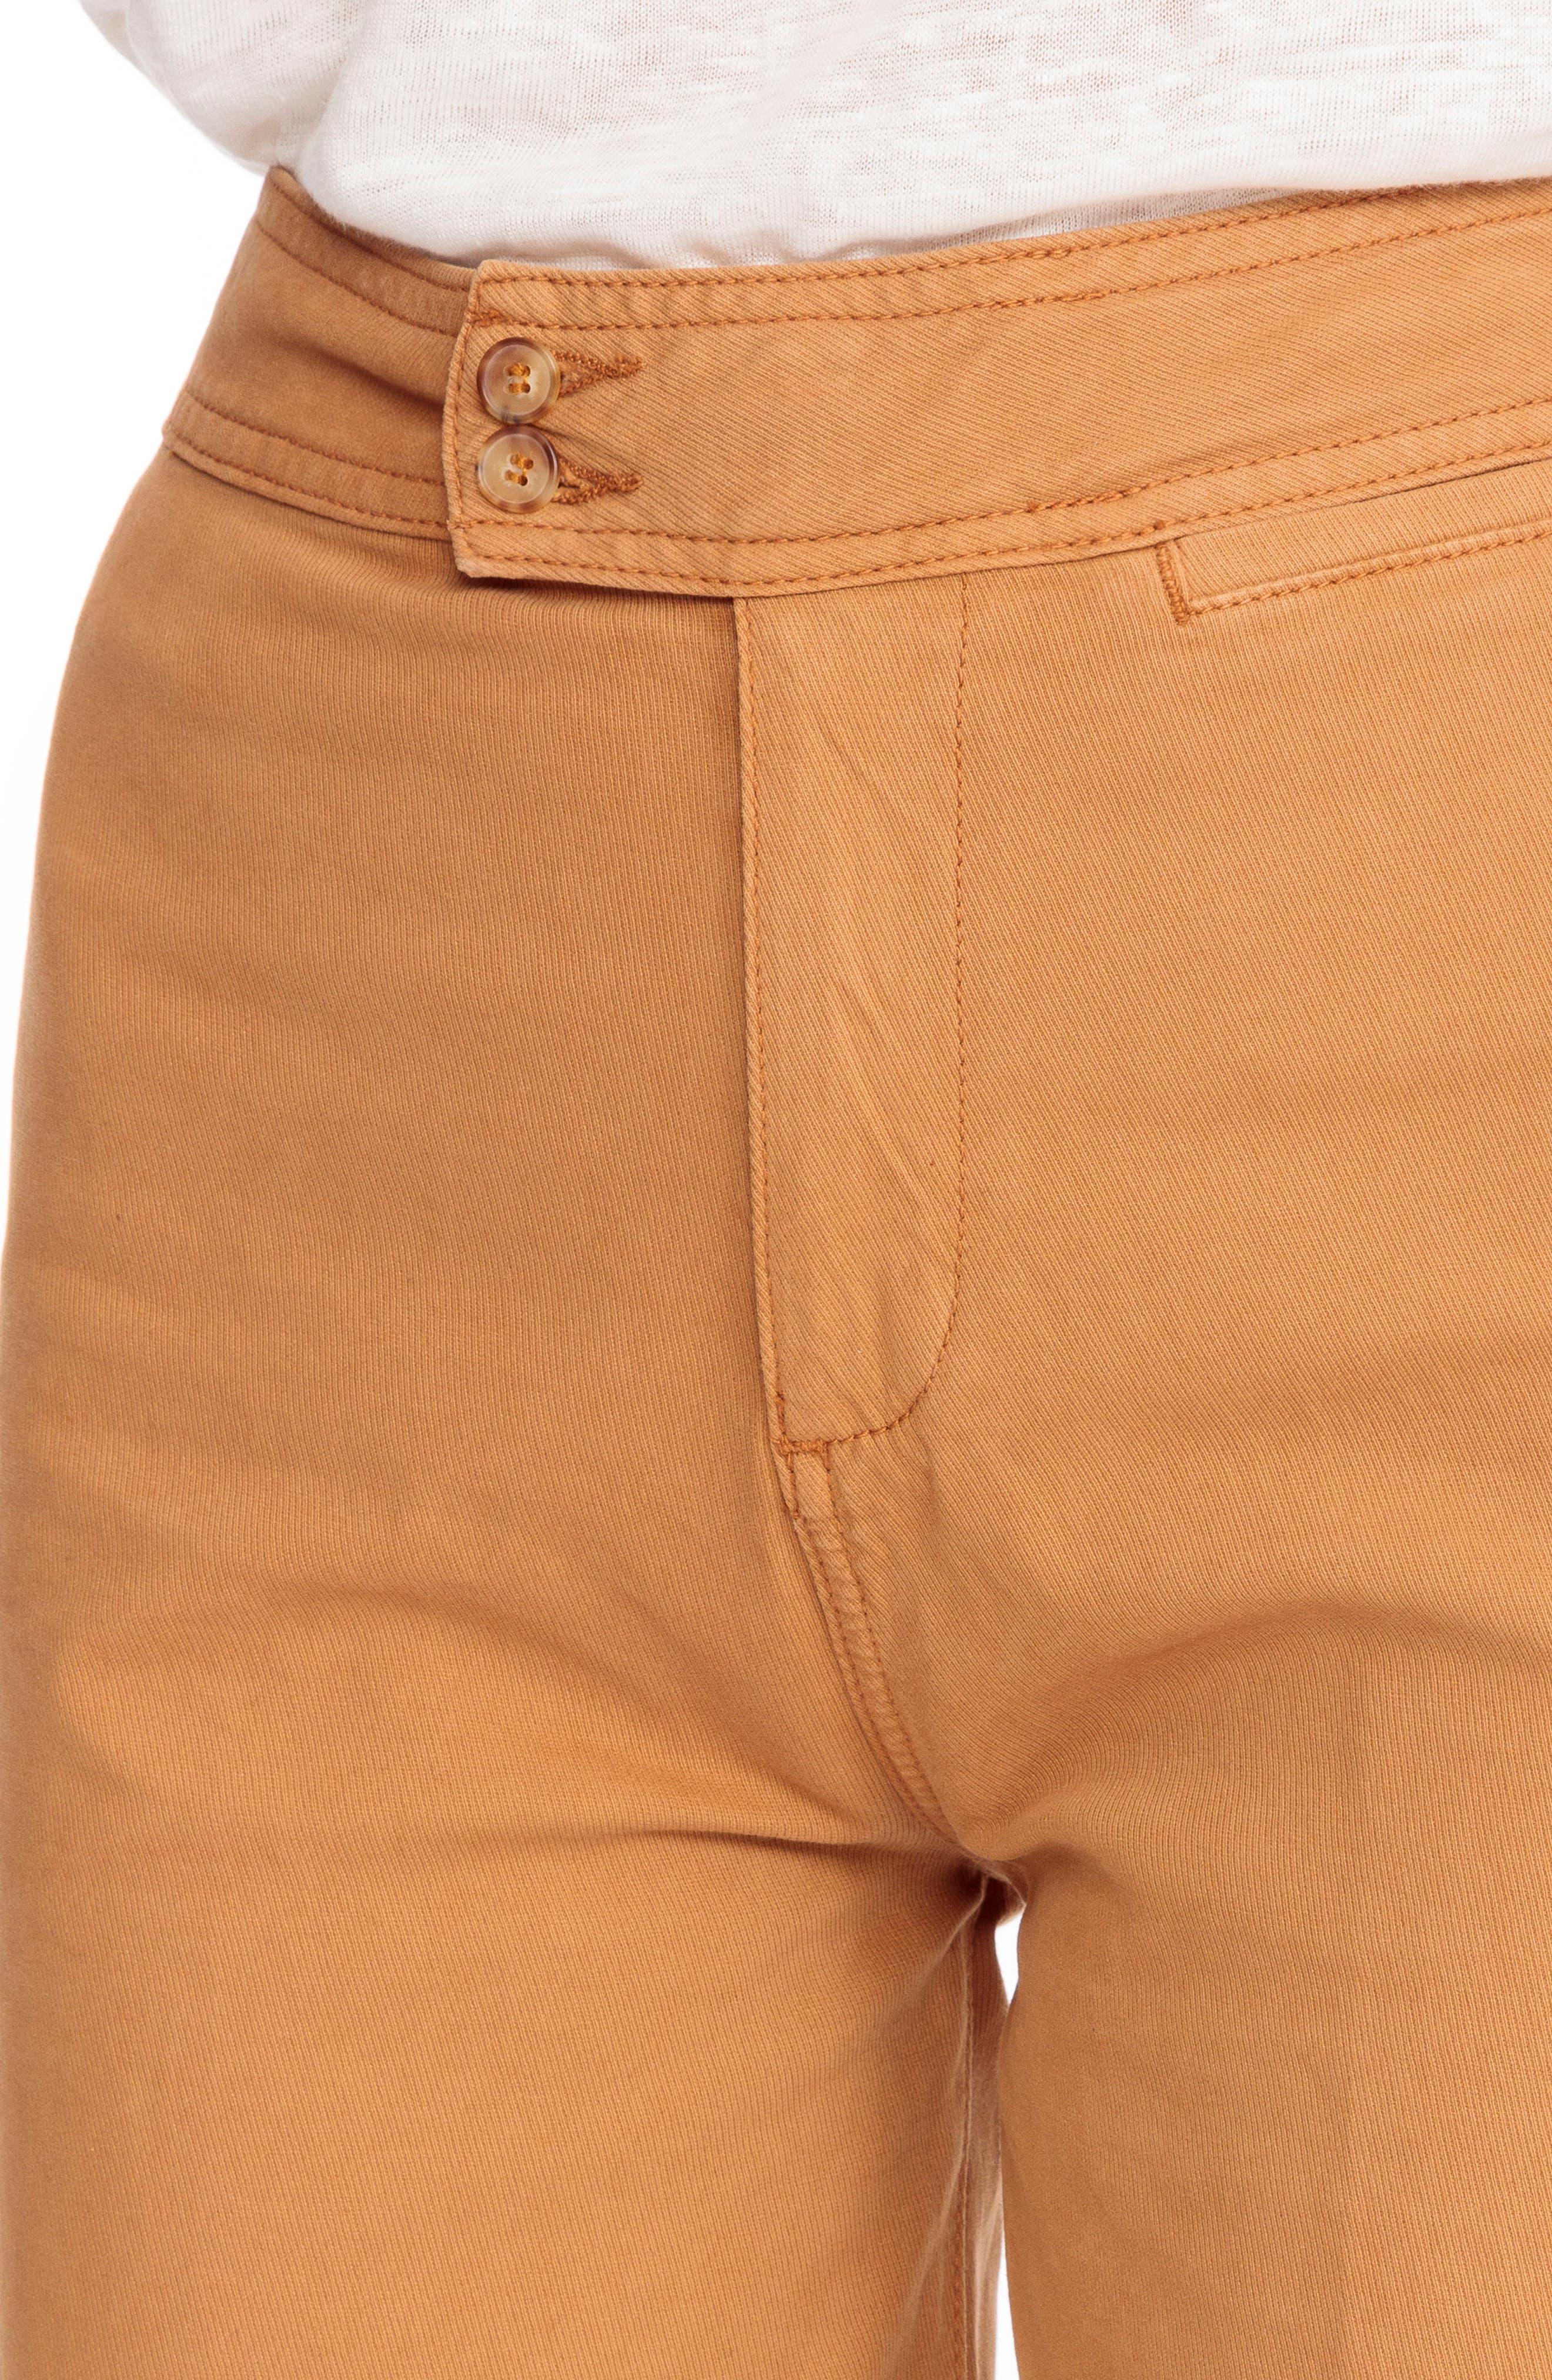 June Crop Pants,                             Alternate thumbnail 5, color,                             Ocre